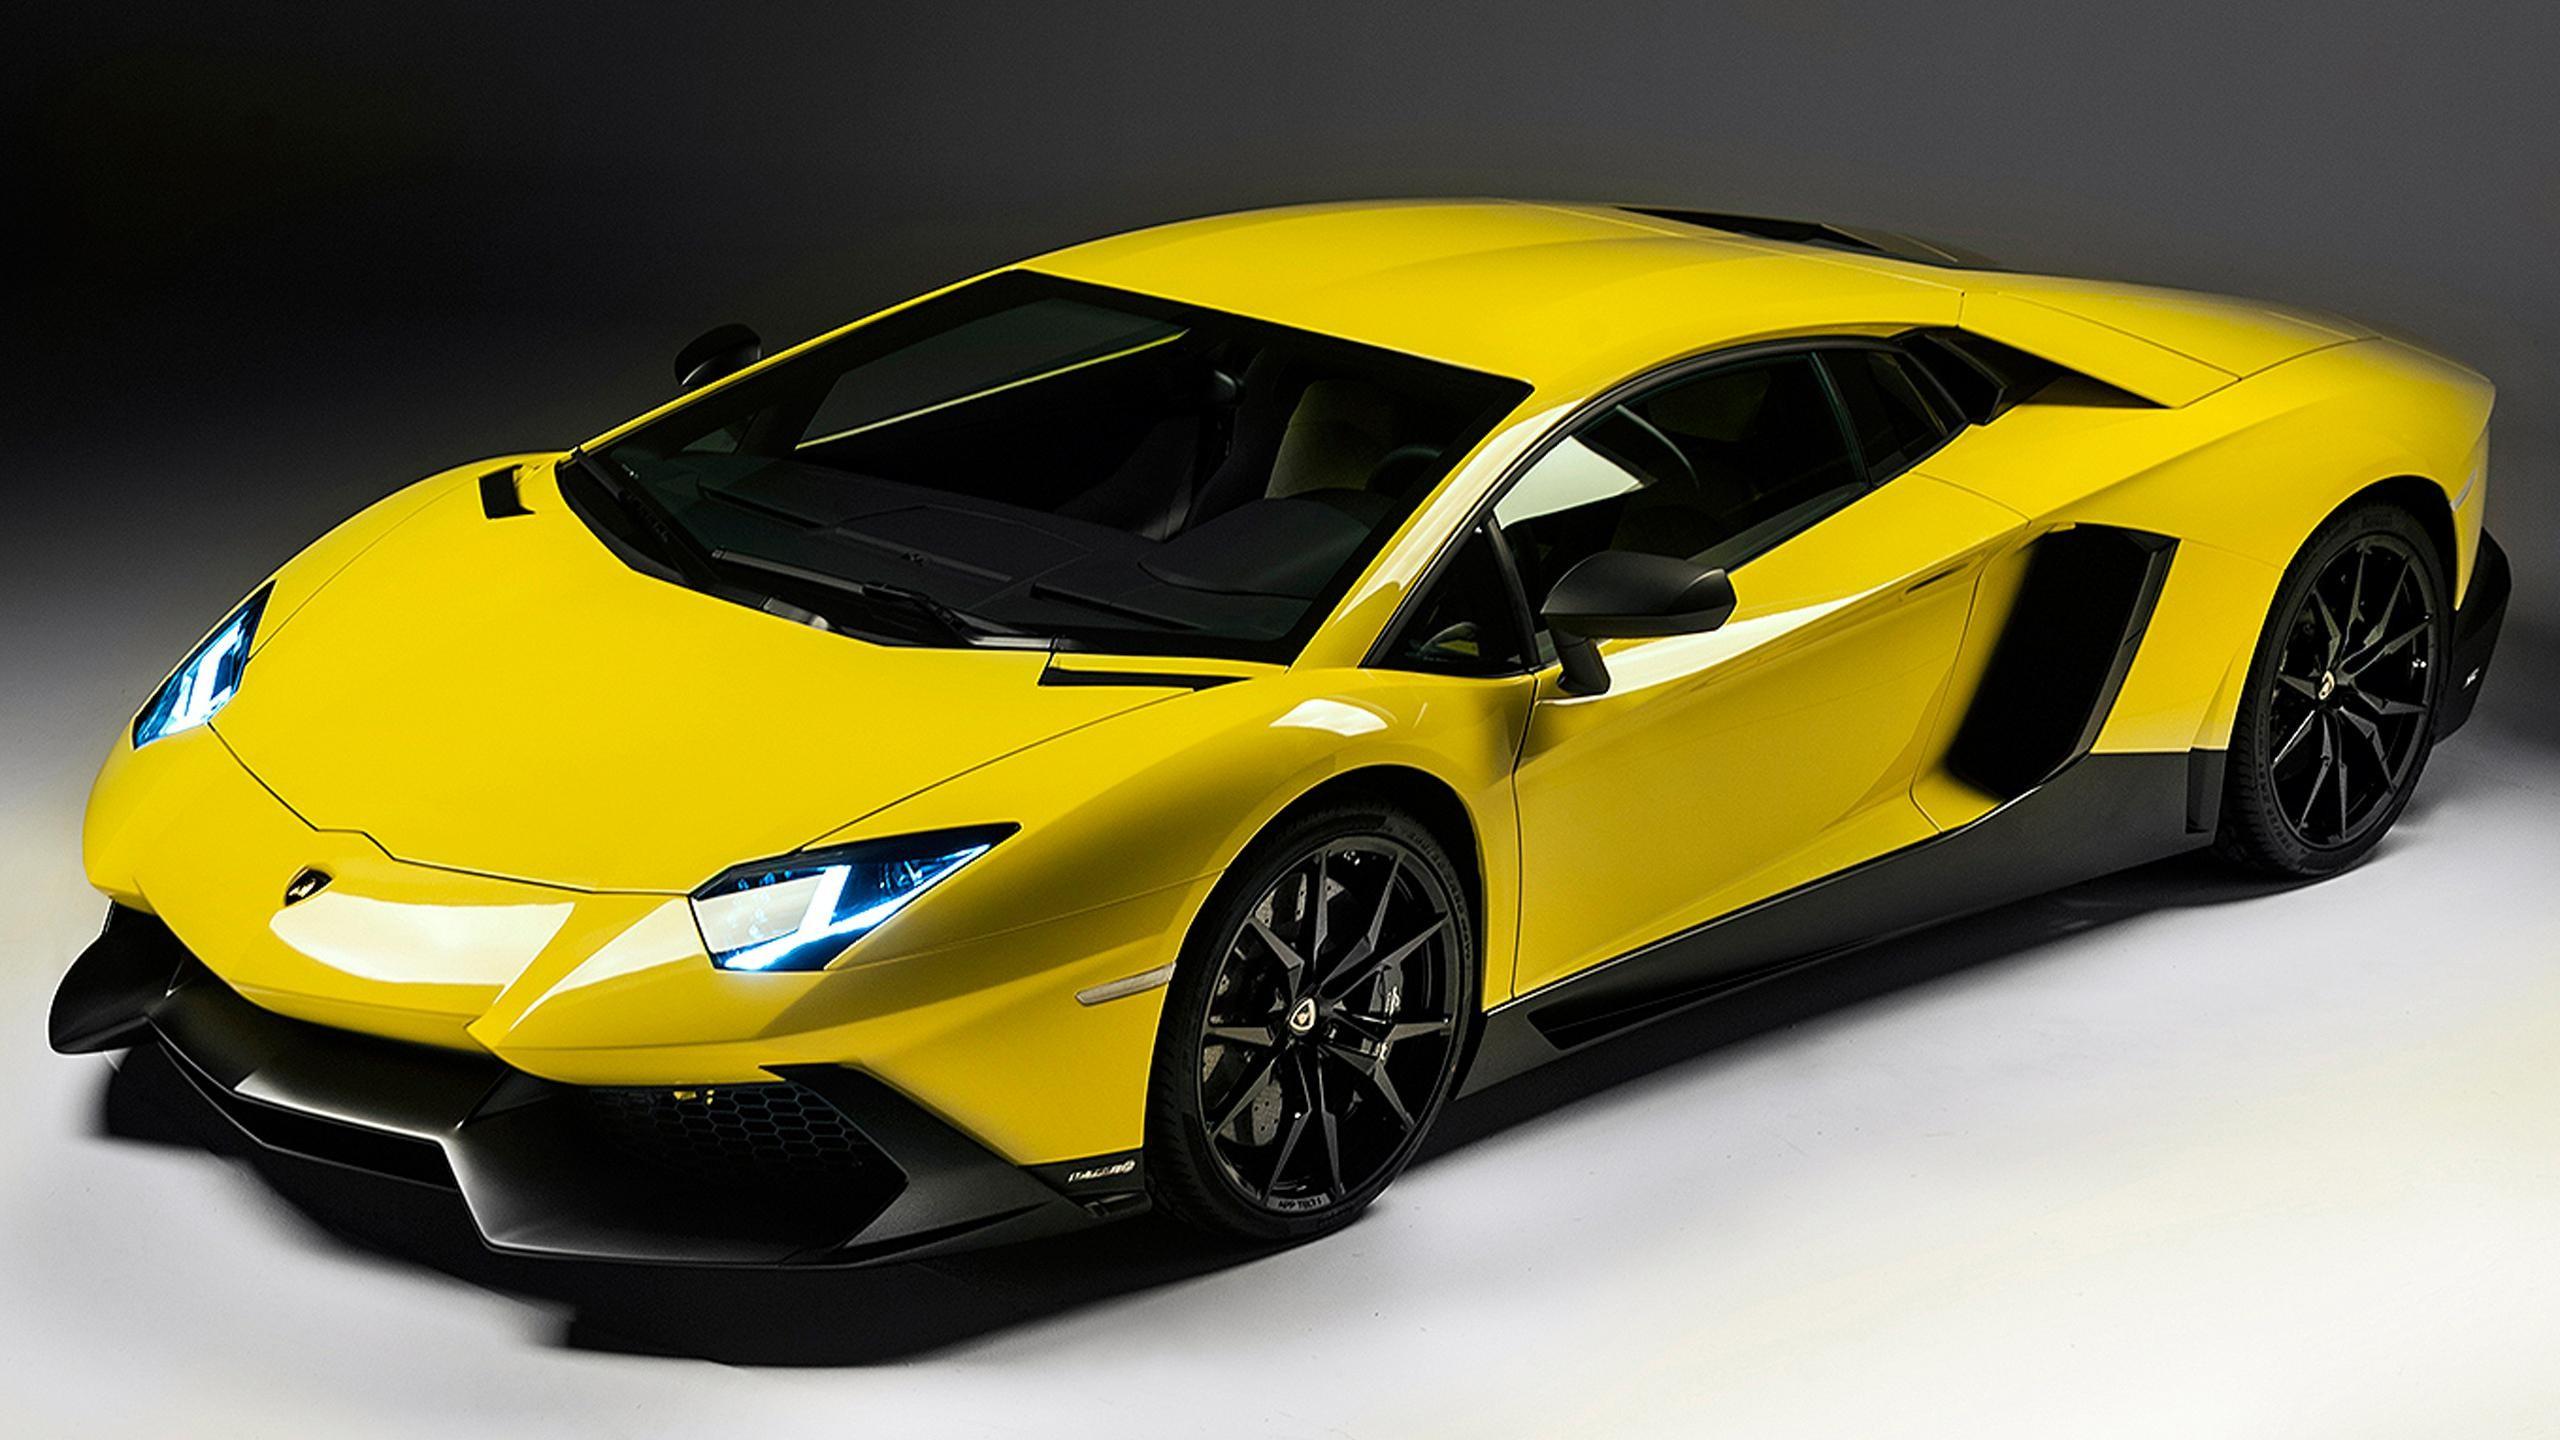 Lamborghini Huracan car wallpaper fast cars wallpaper …